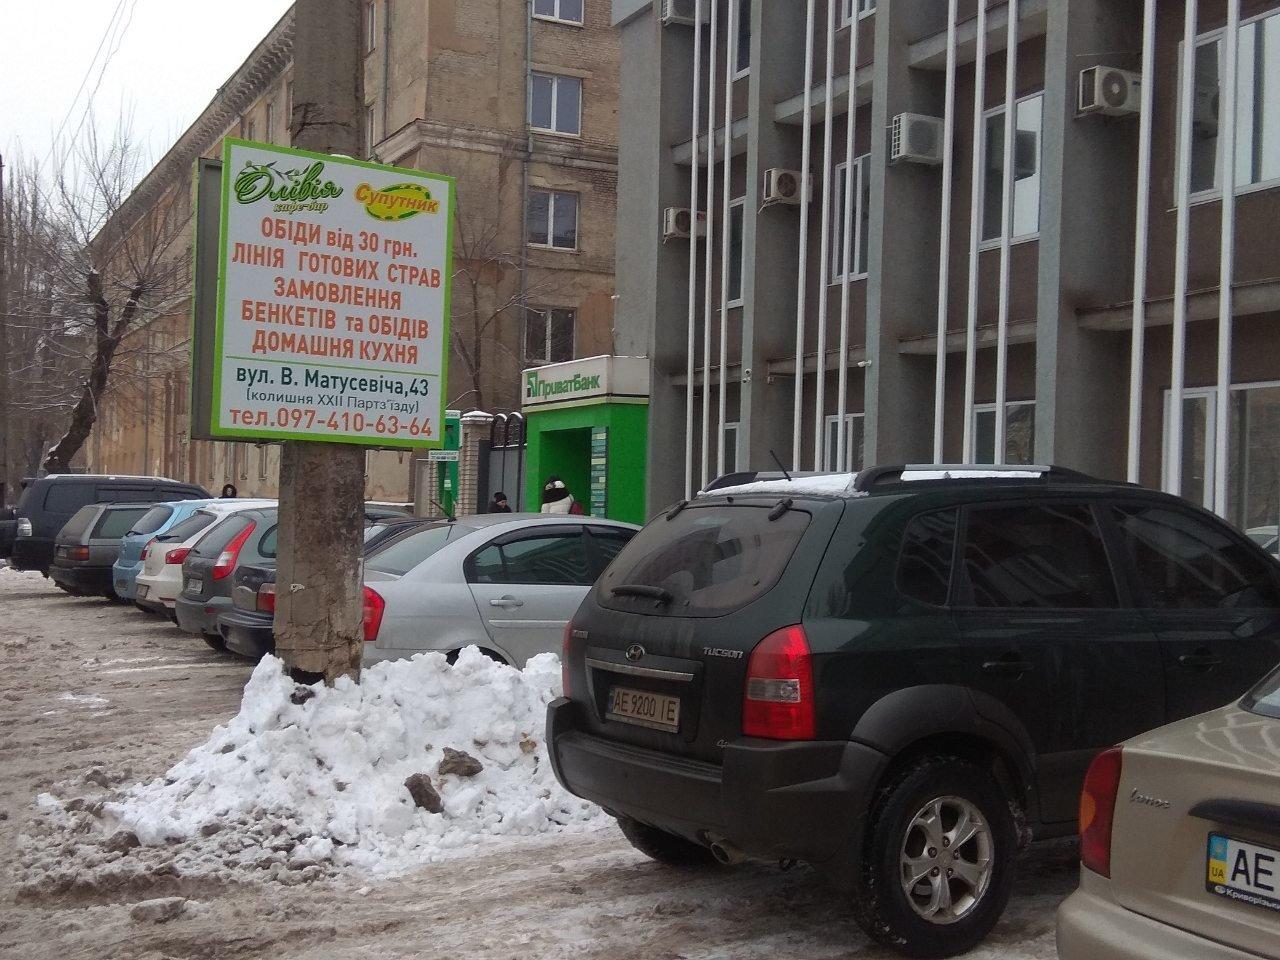 Криворожским предпринимателям дали несколько дней на демонтаж незаконной рекламы, - ФОТО , фото-5